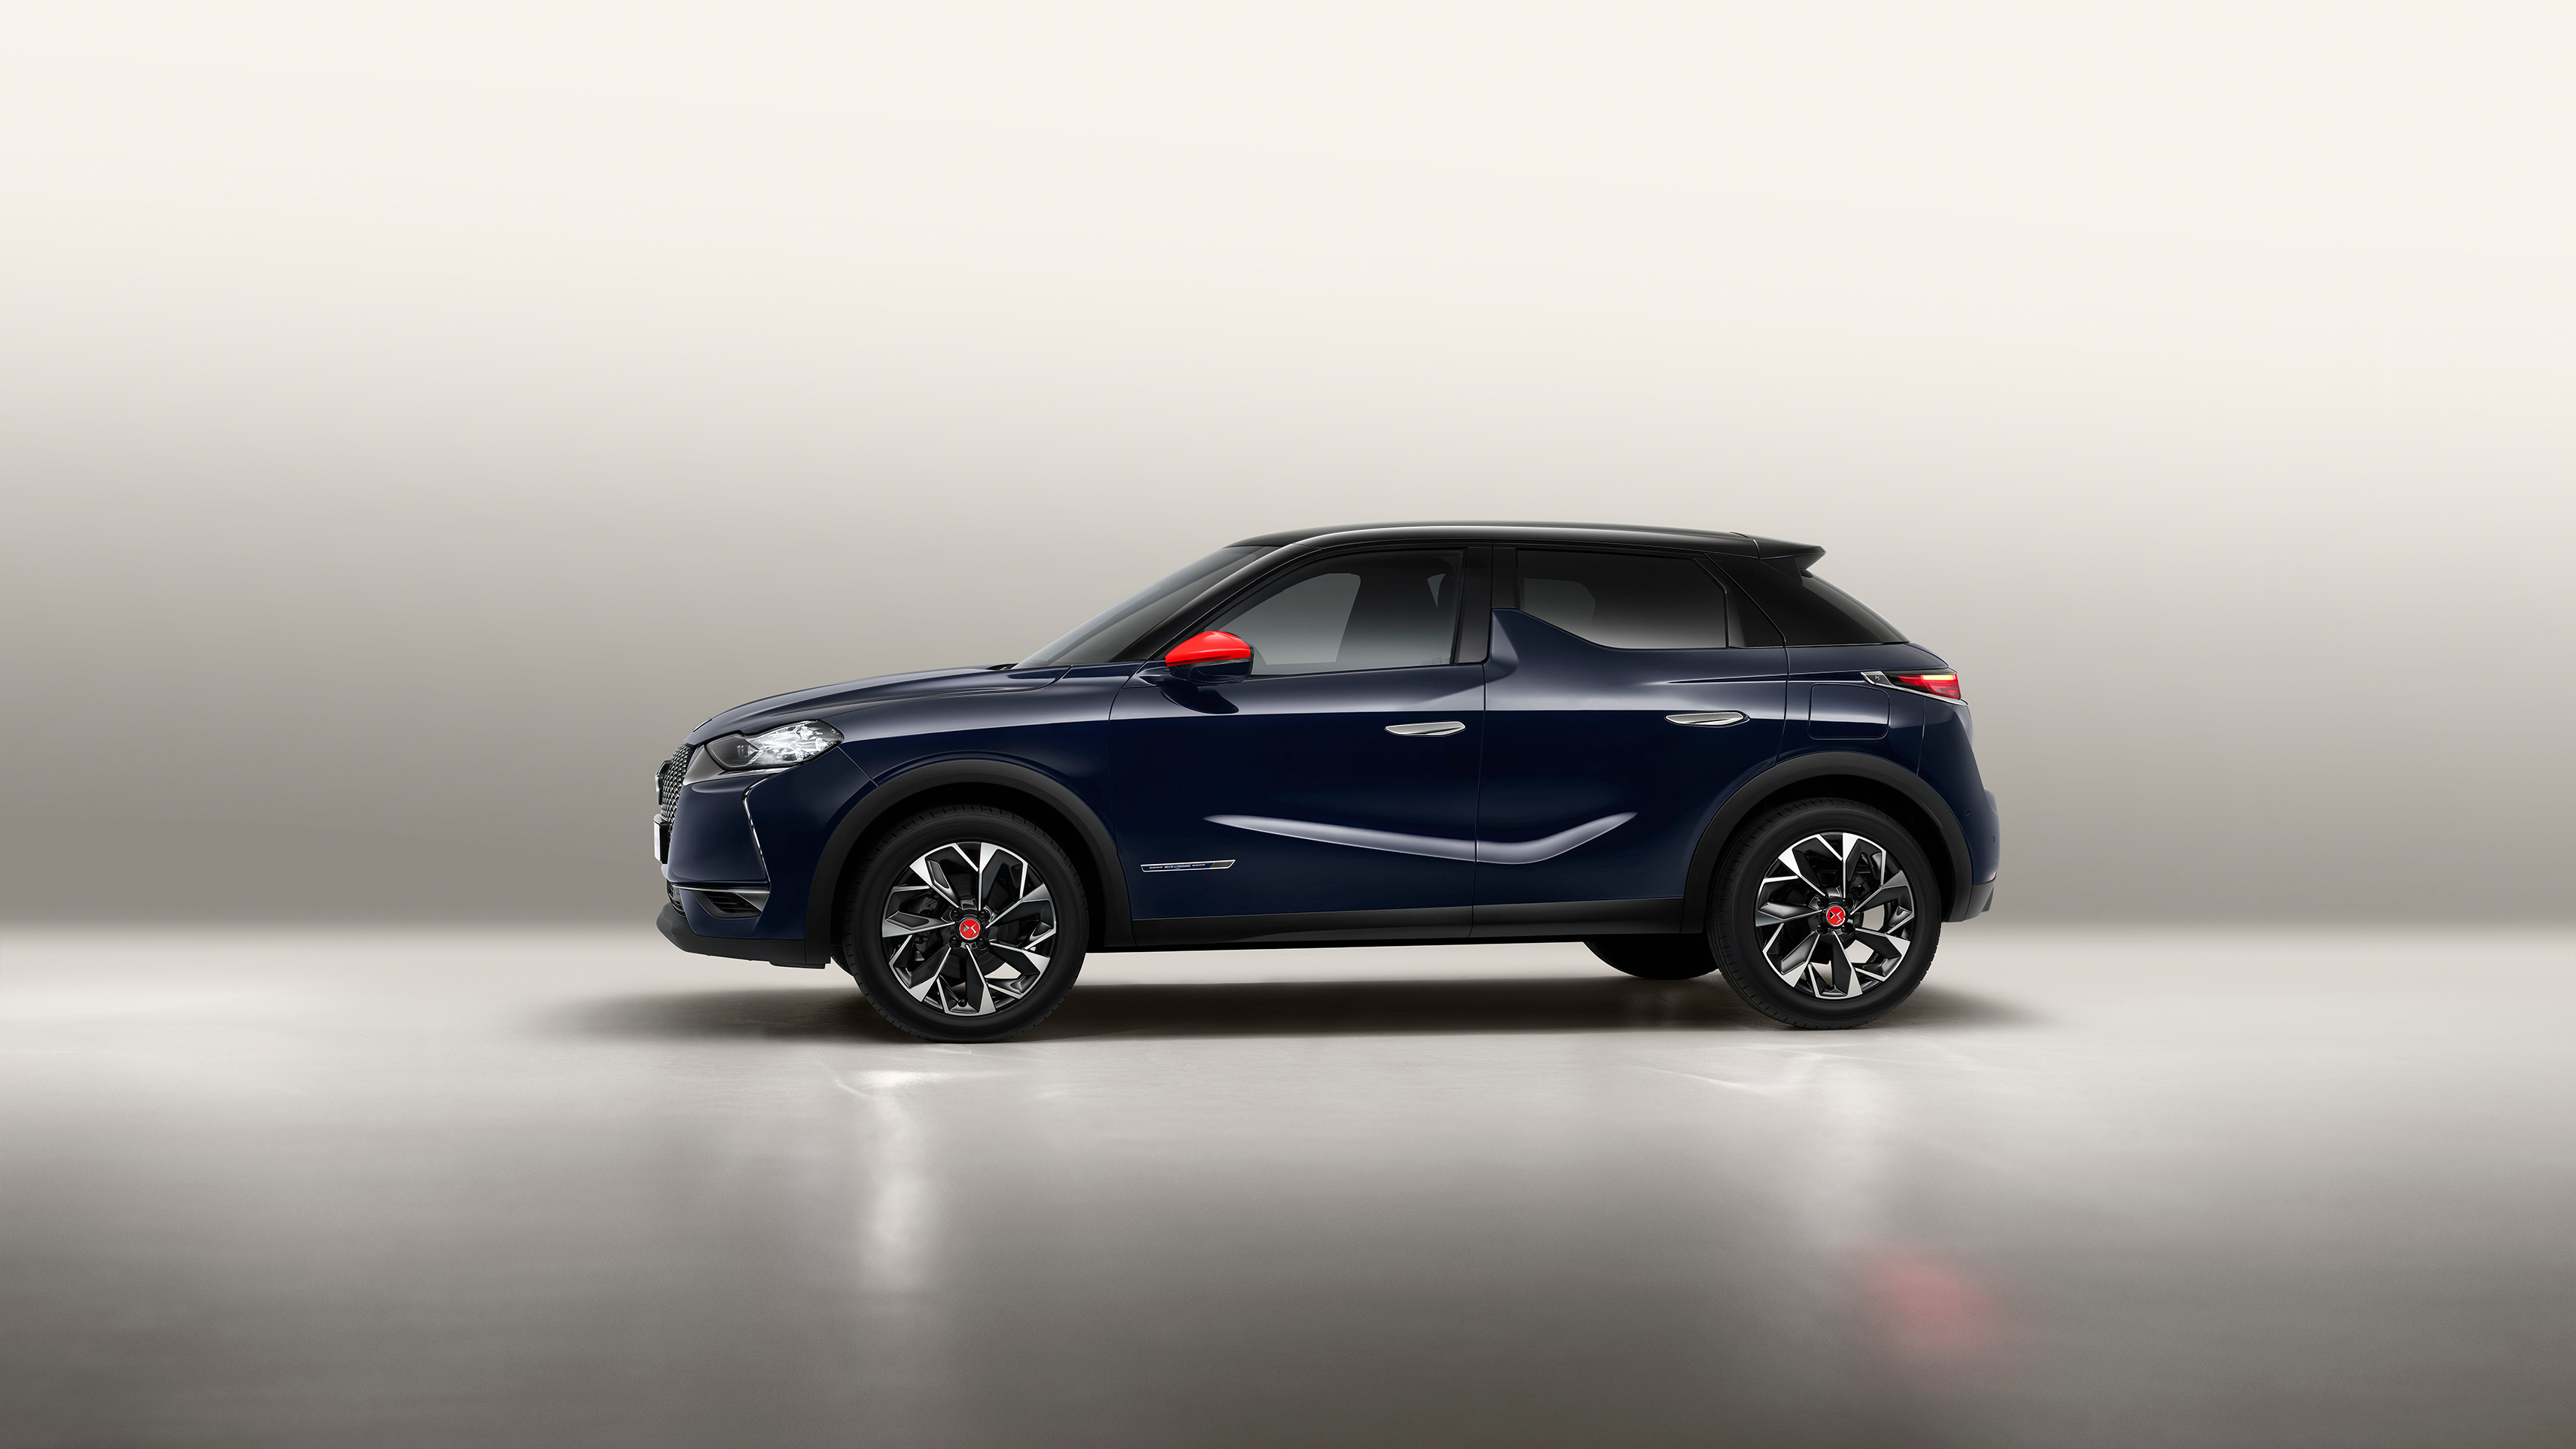 Картинка Французский Кроссовер DS 3 Crossback, 2020 Синий авто Сбоку Металлик французские французская CUV синяя синие синих машина машины Автомобили автомобиль